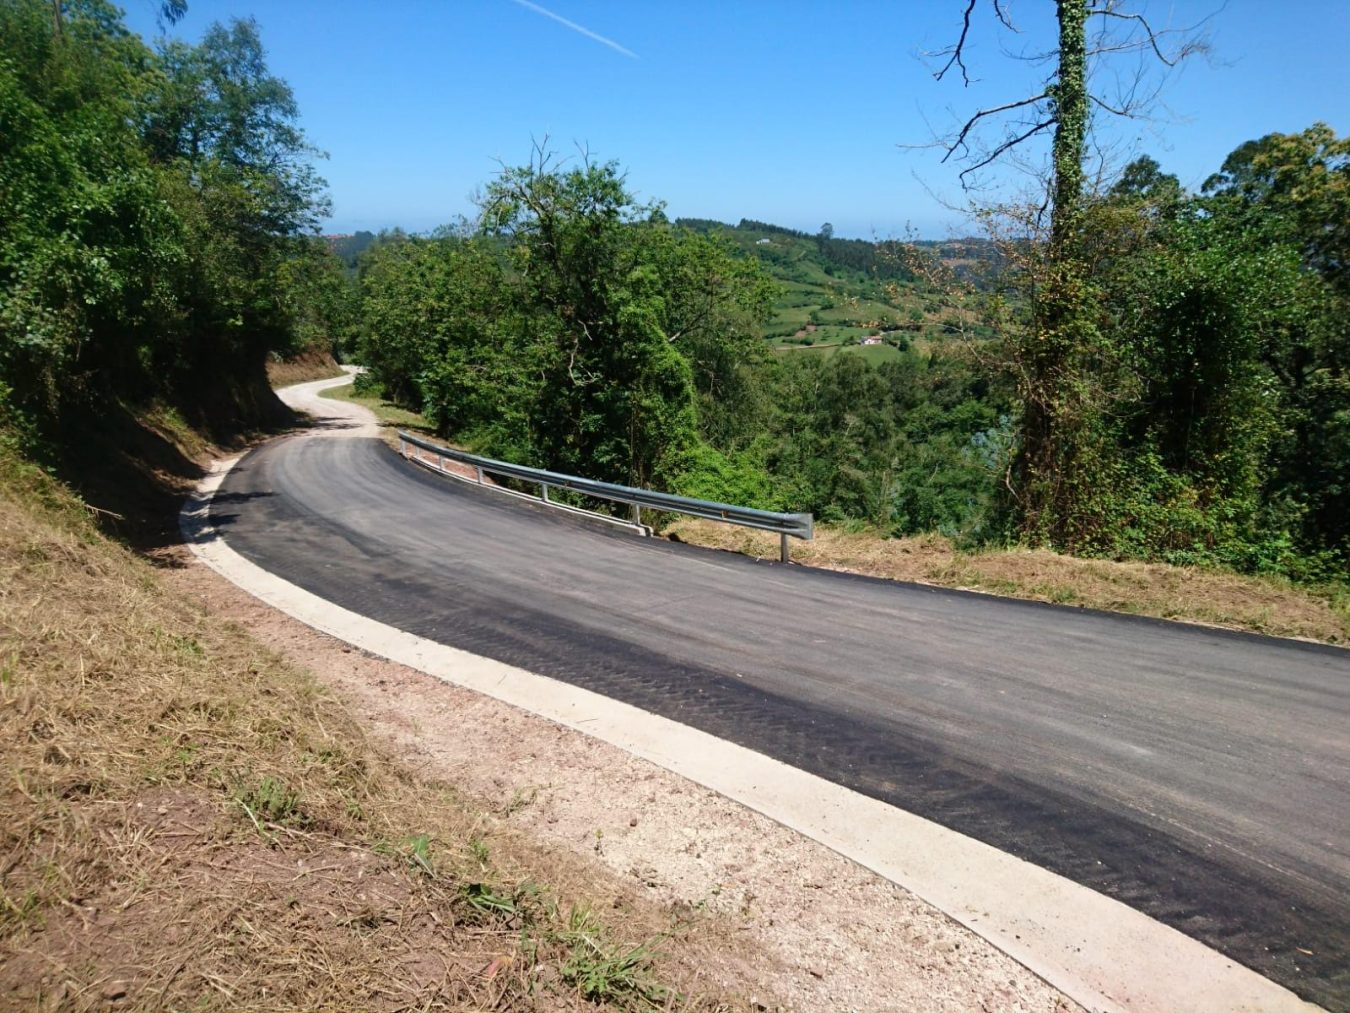 Concluye la reparación de la carretera que une Pernús y Villaescusa en el concejo de Colunga